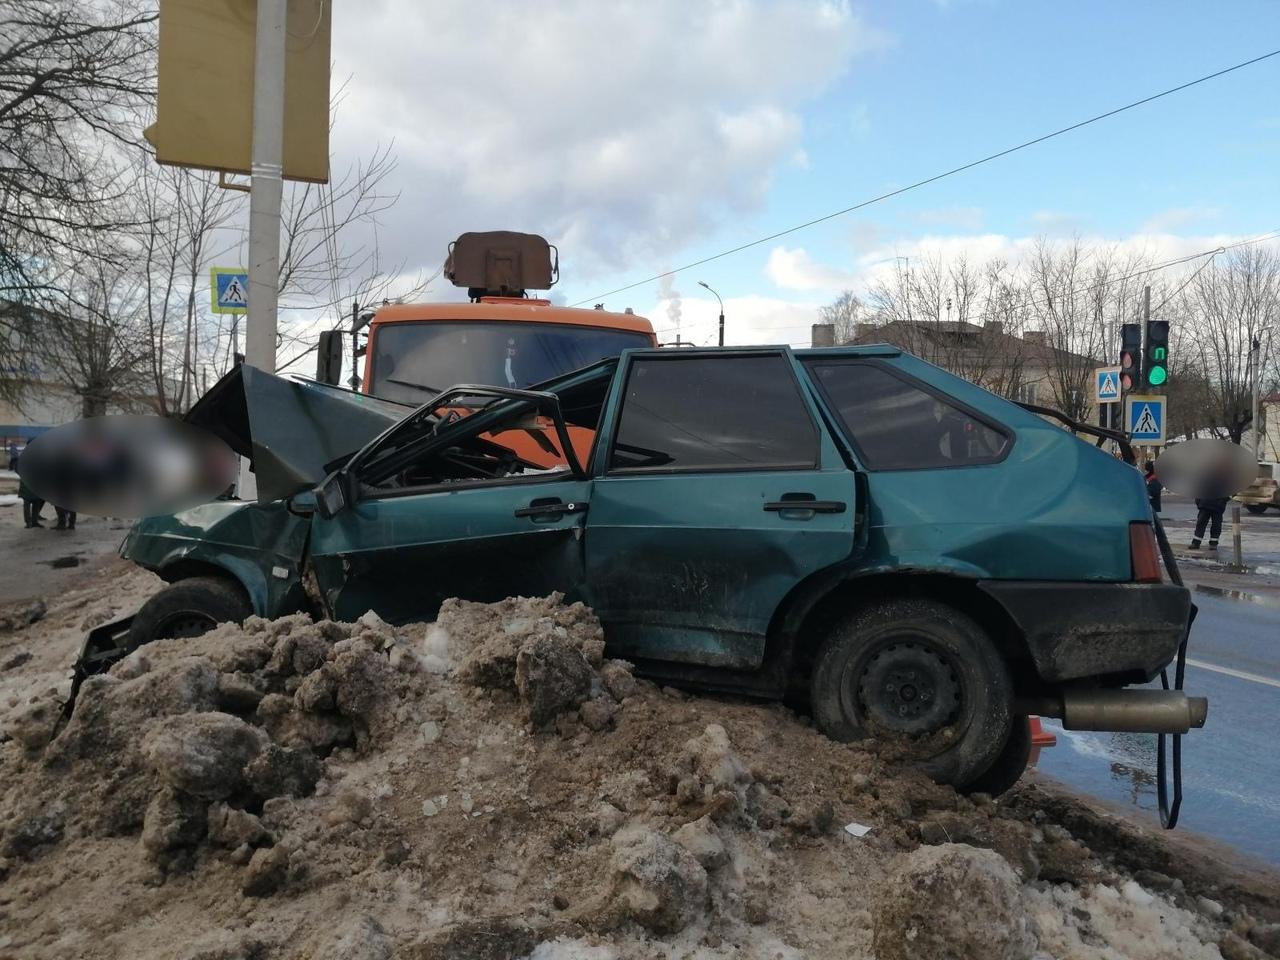 Признаки опьянения и второй пострадавший: появились подробности ДТП с 15-летним подростком в Твери